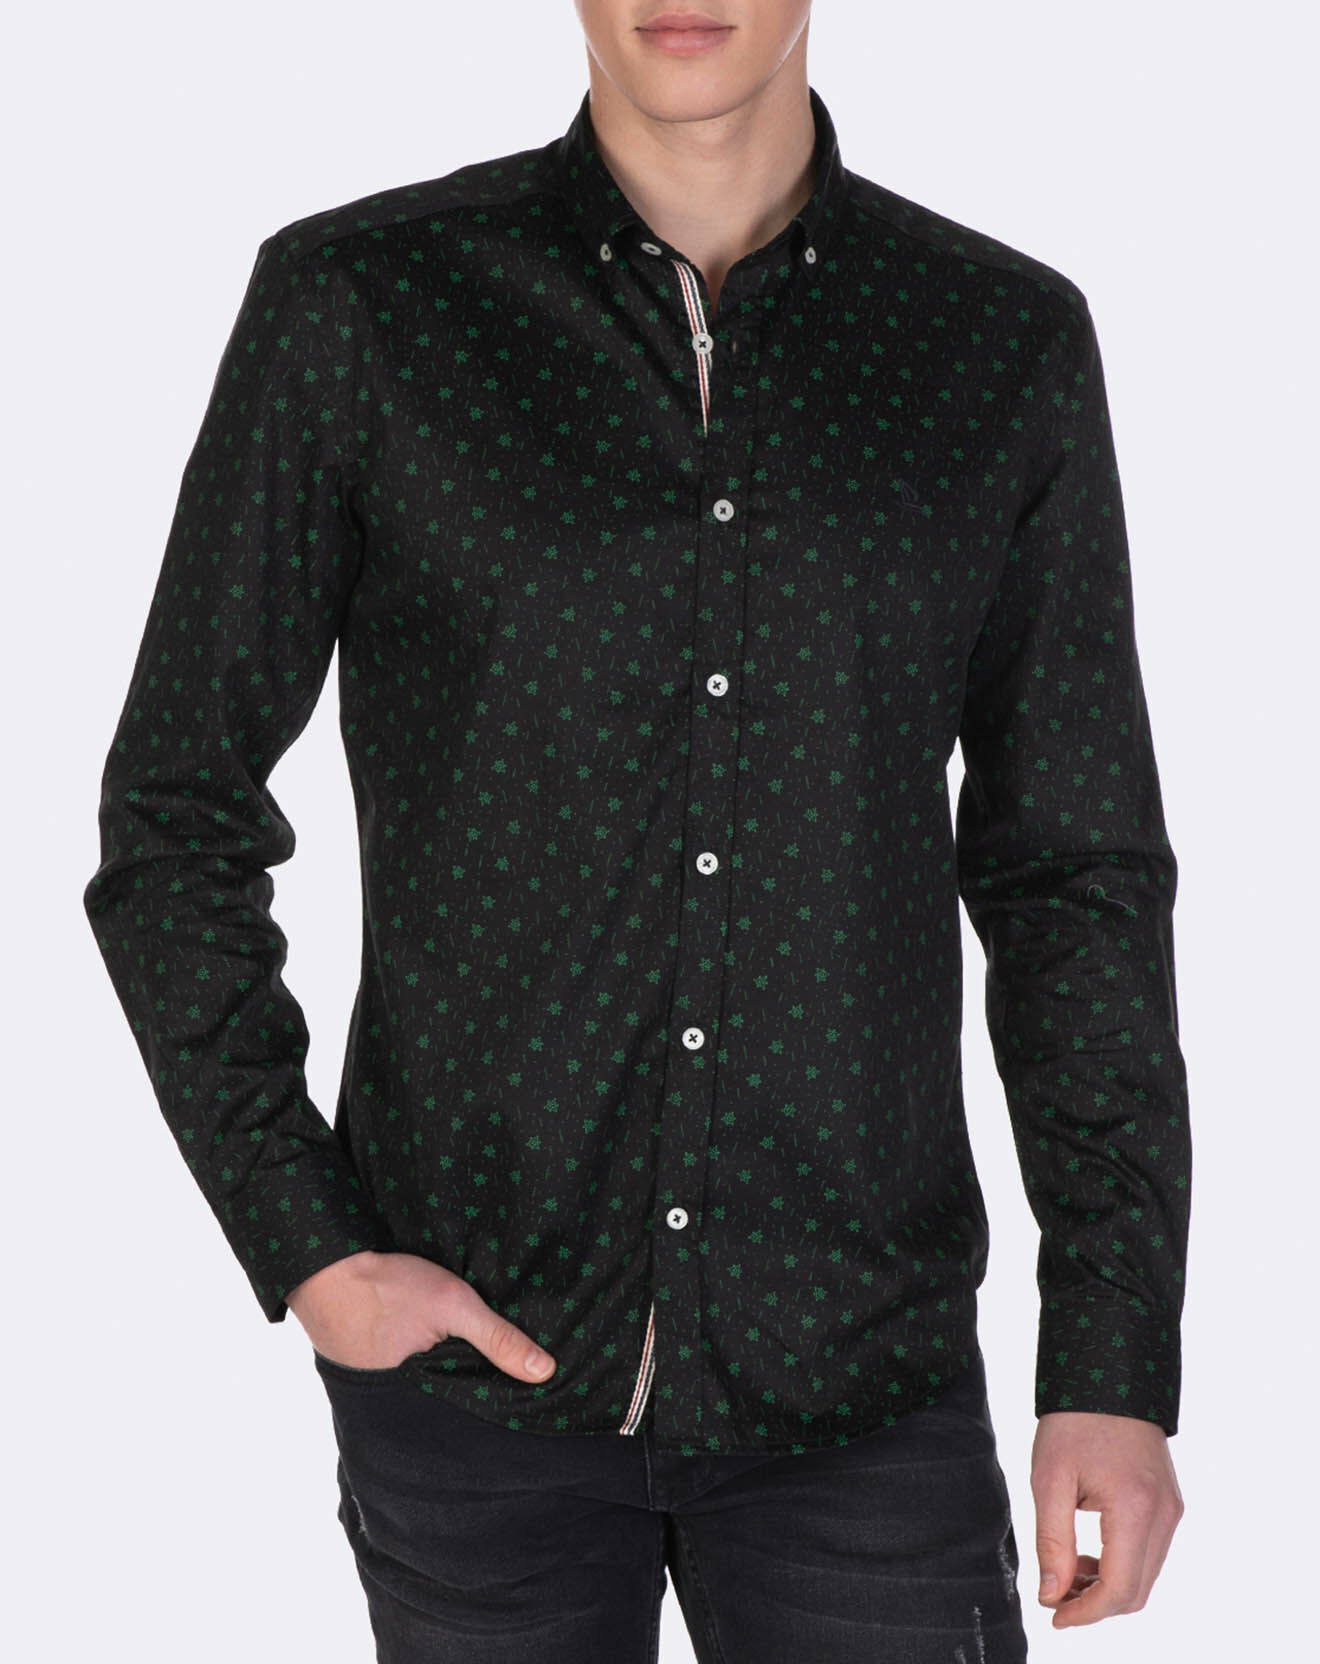 Chemise à petits imprimés vert/noir